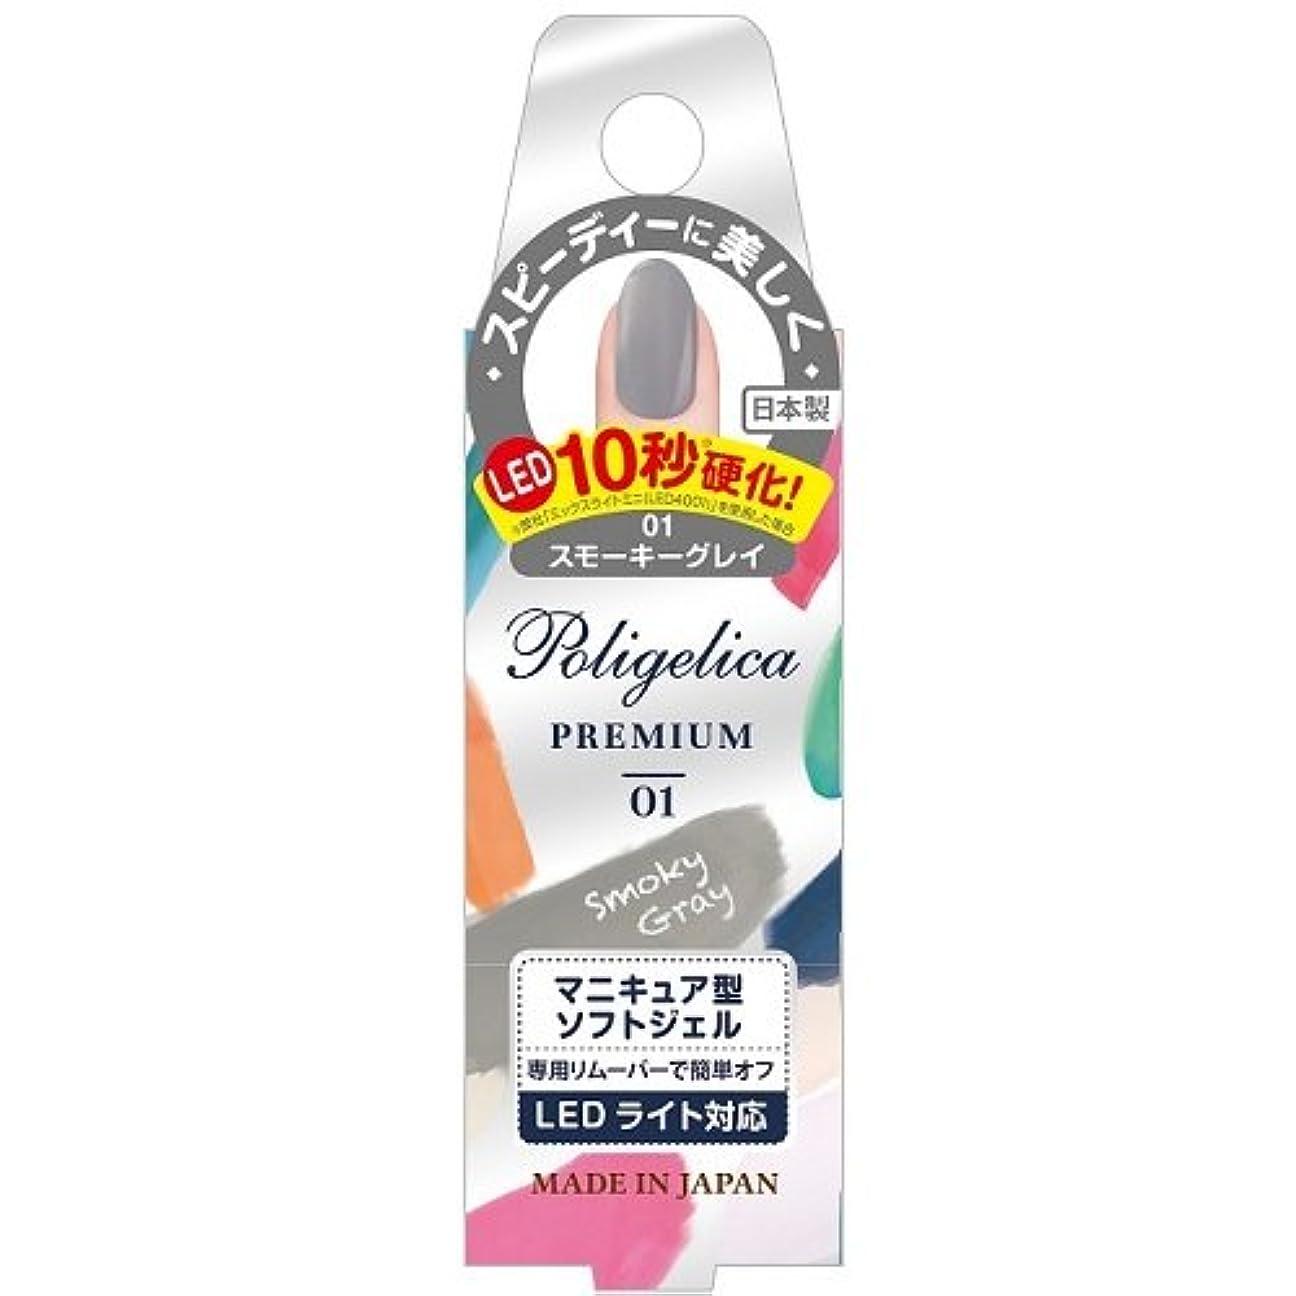 糸行商含意BW ポリジェリカプレミアム カラージェル 1001/スモーキーグレイ (6g)